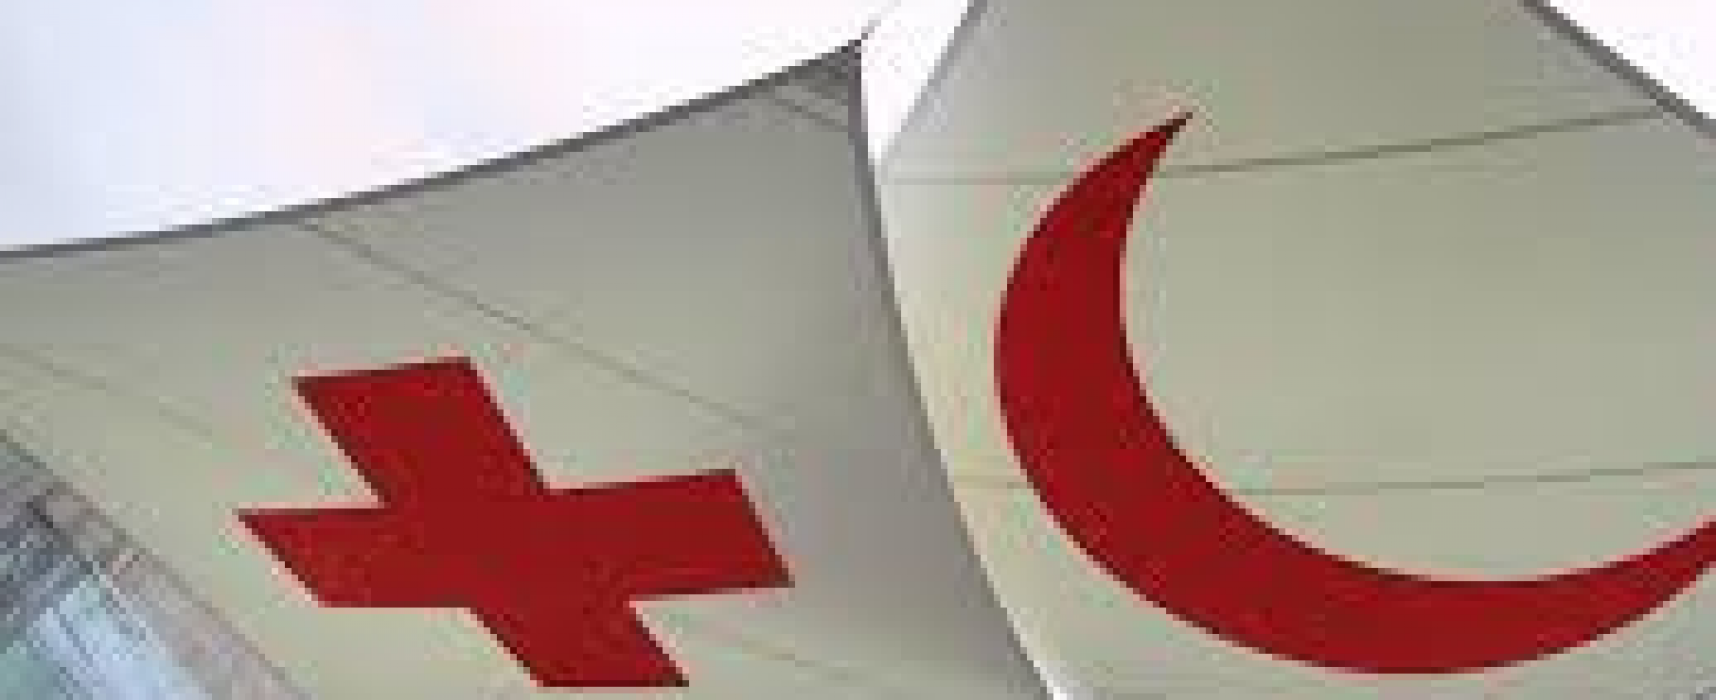 Москва выдумала согласие Красного Креста на российские «конвои помощи» для Донбасса